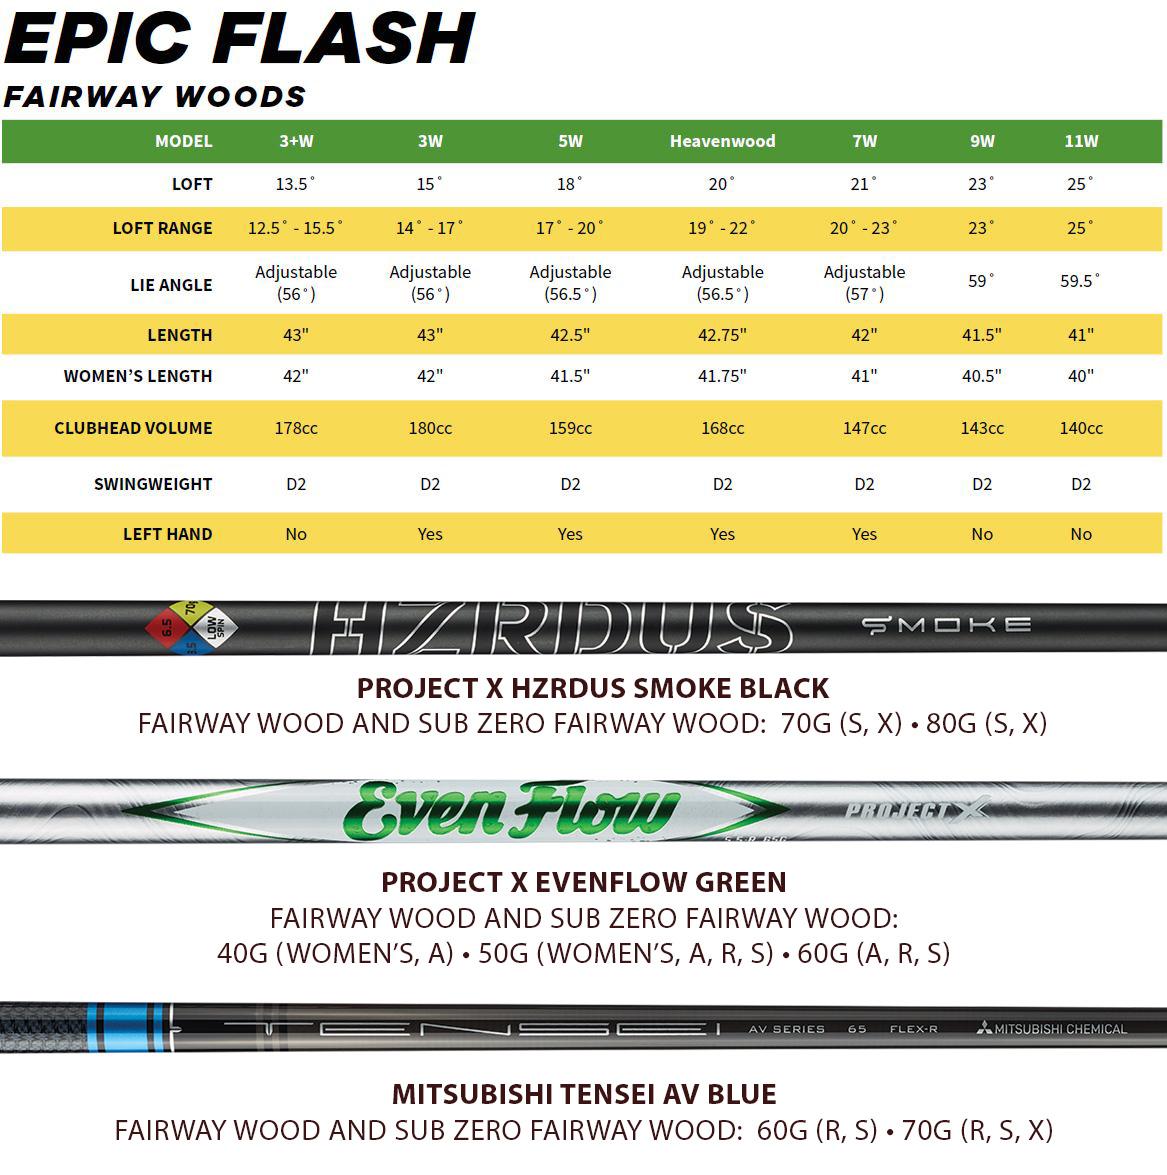 Callaway Epic Flash Fairway Wood Tech Specs